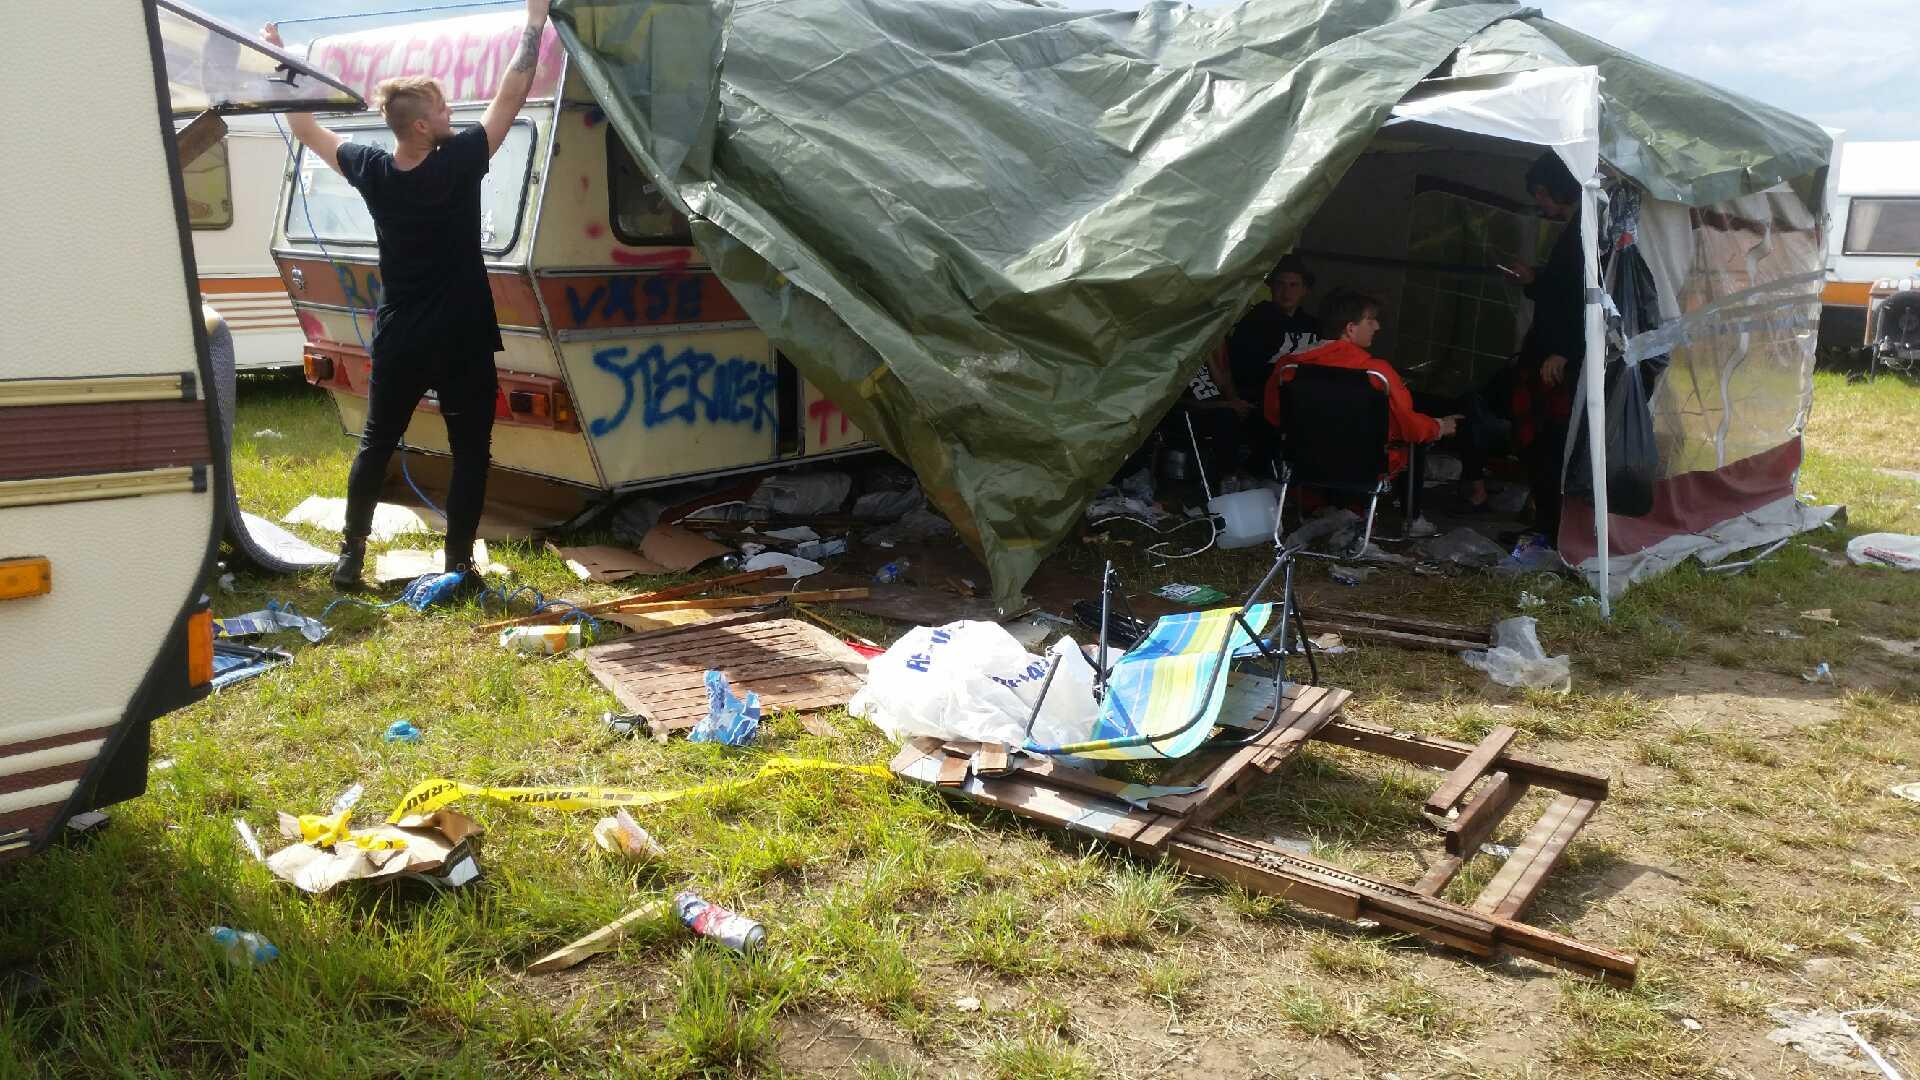 Kaos på campingen